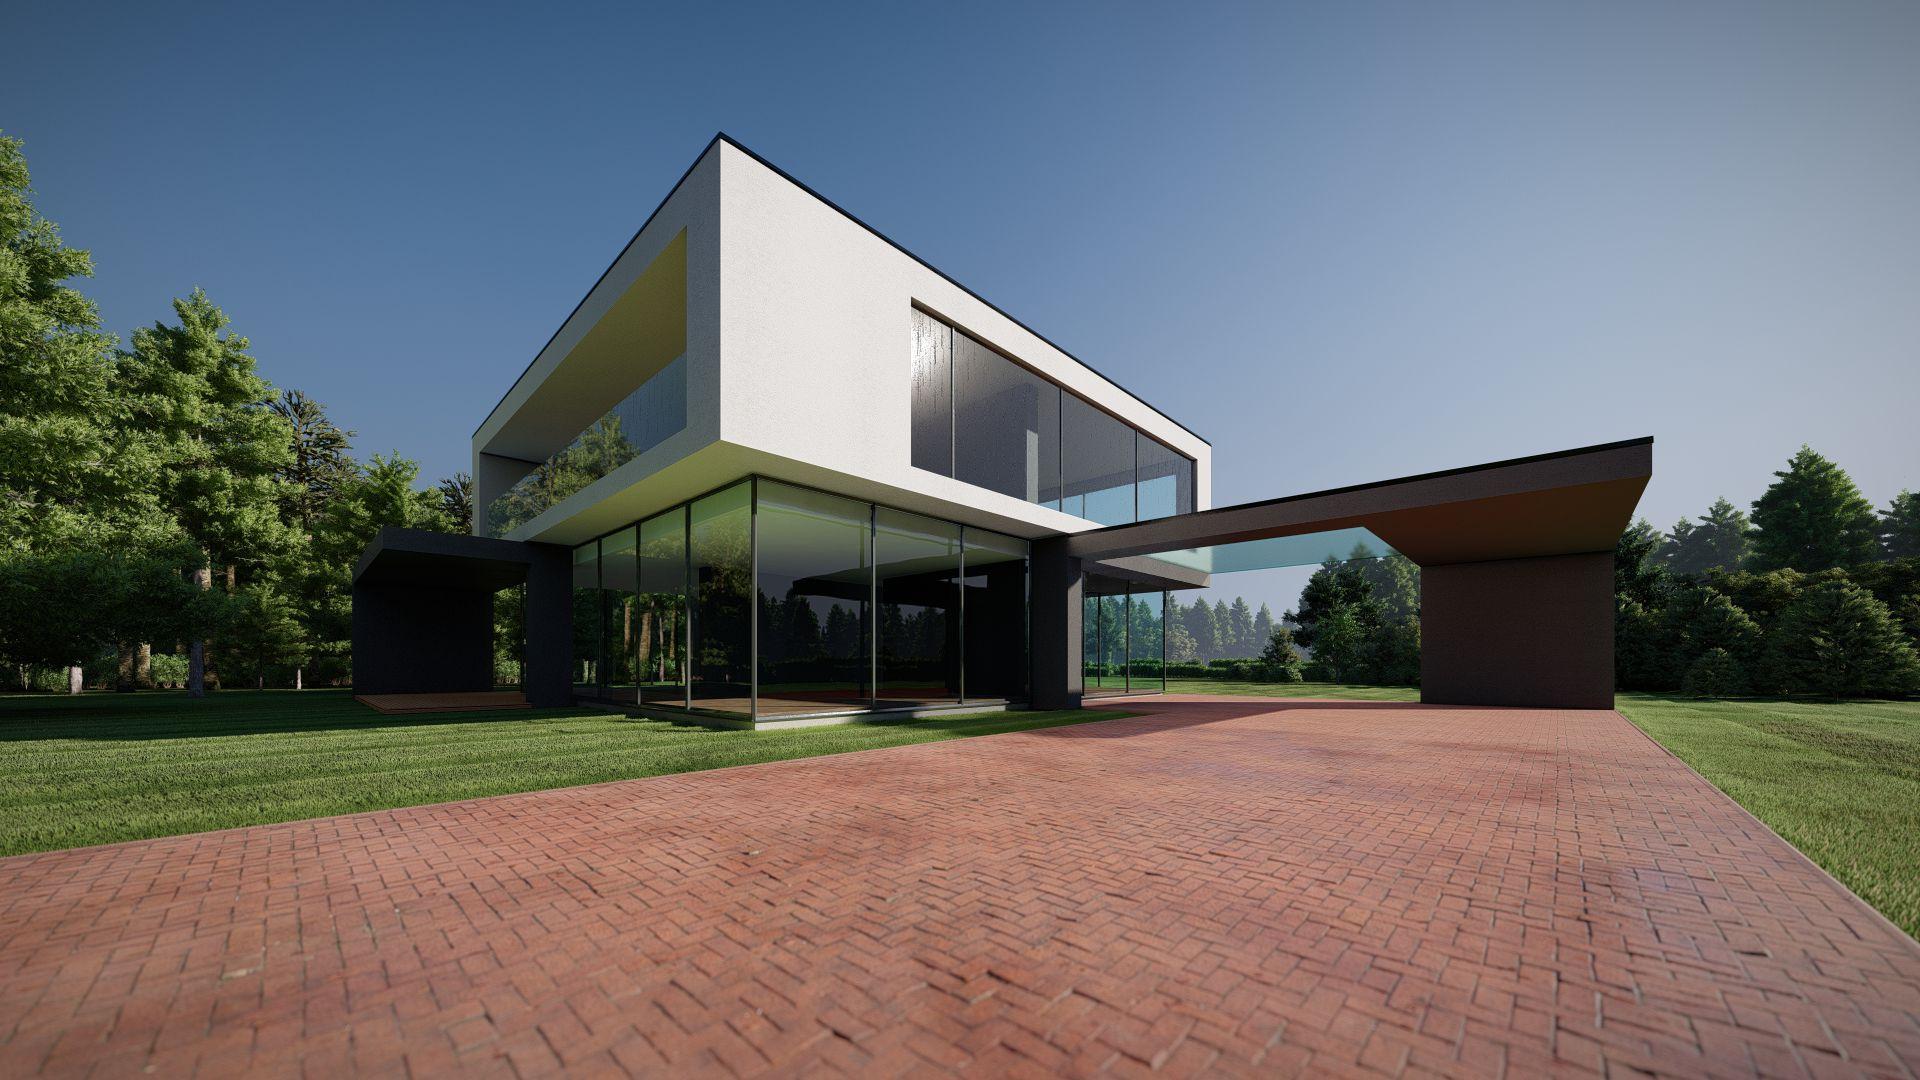 arhitektuurne 3d pilt hoone visualiseerimine 52